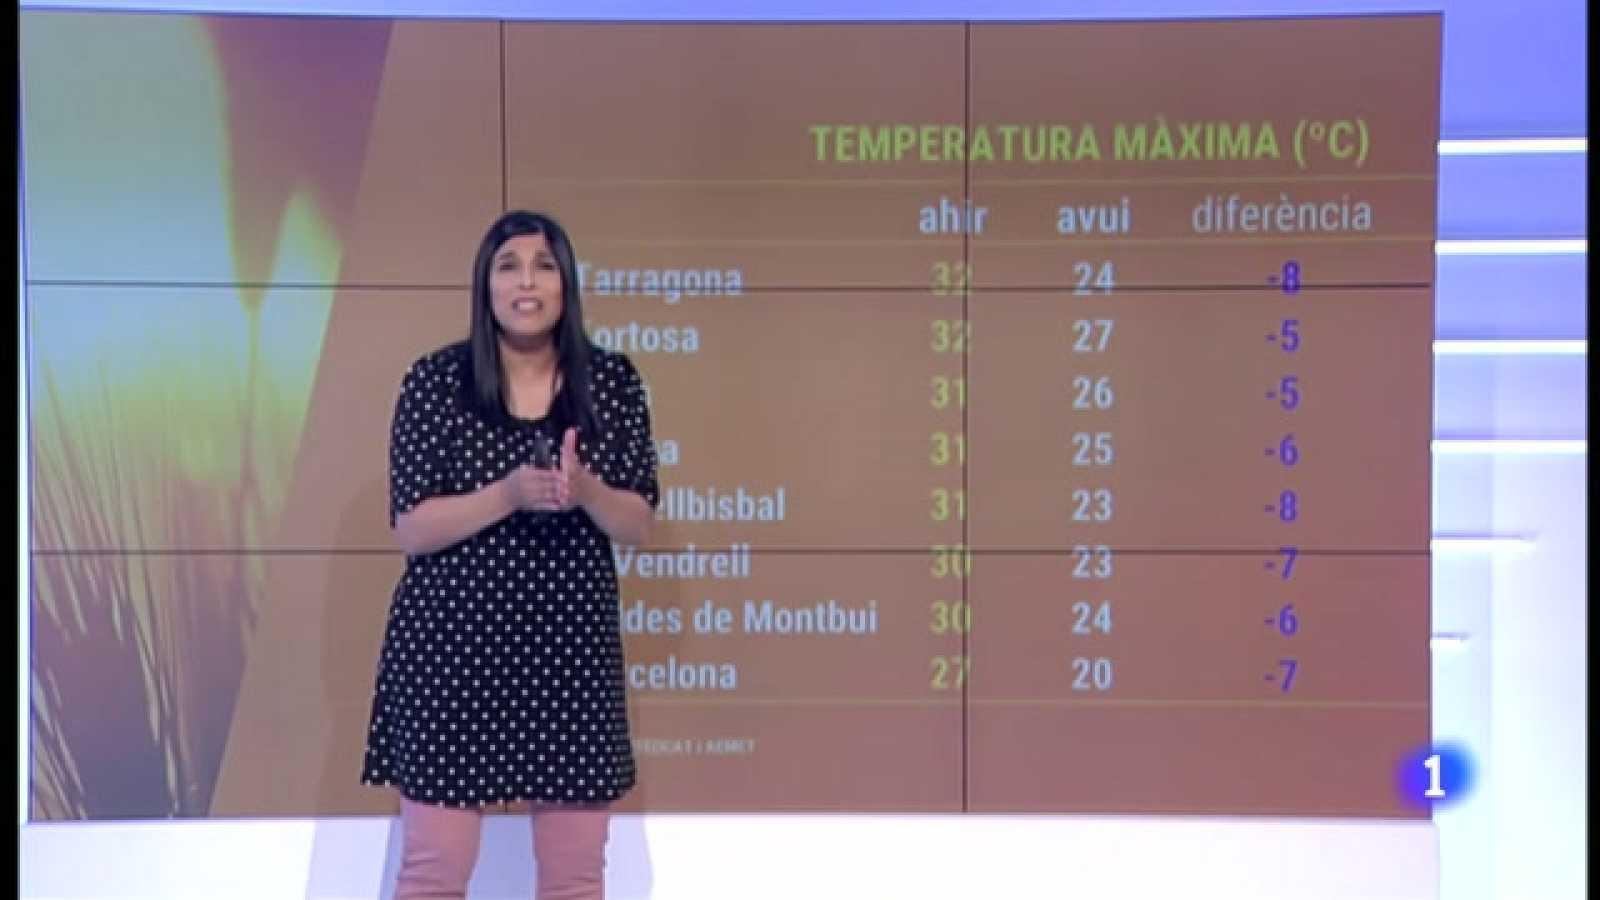 El Temps (17/05/2021) - La muntanya russa de les temperatures